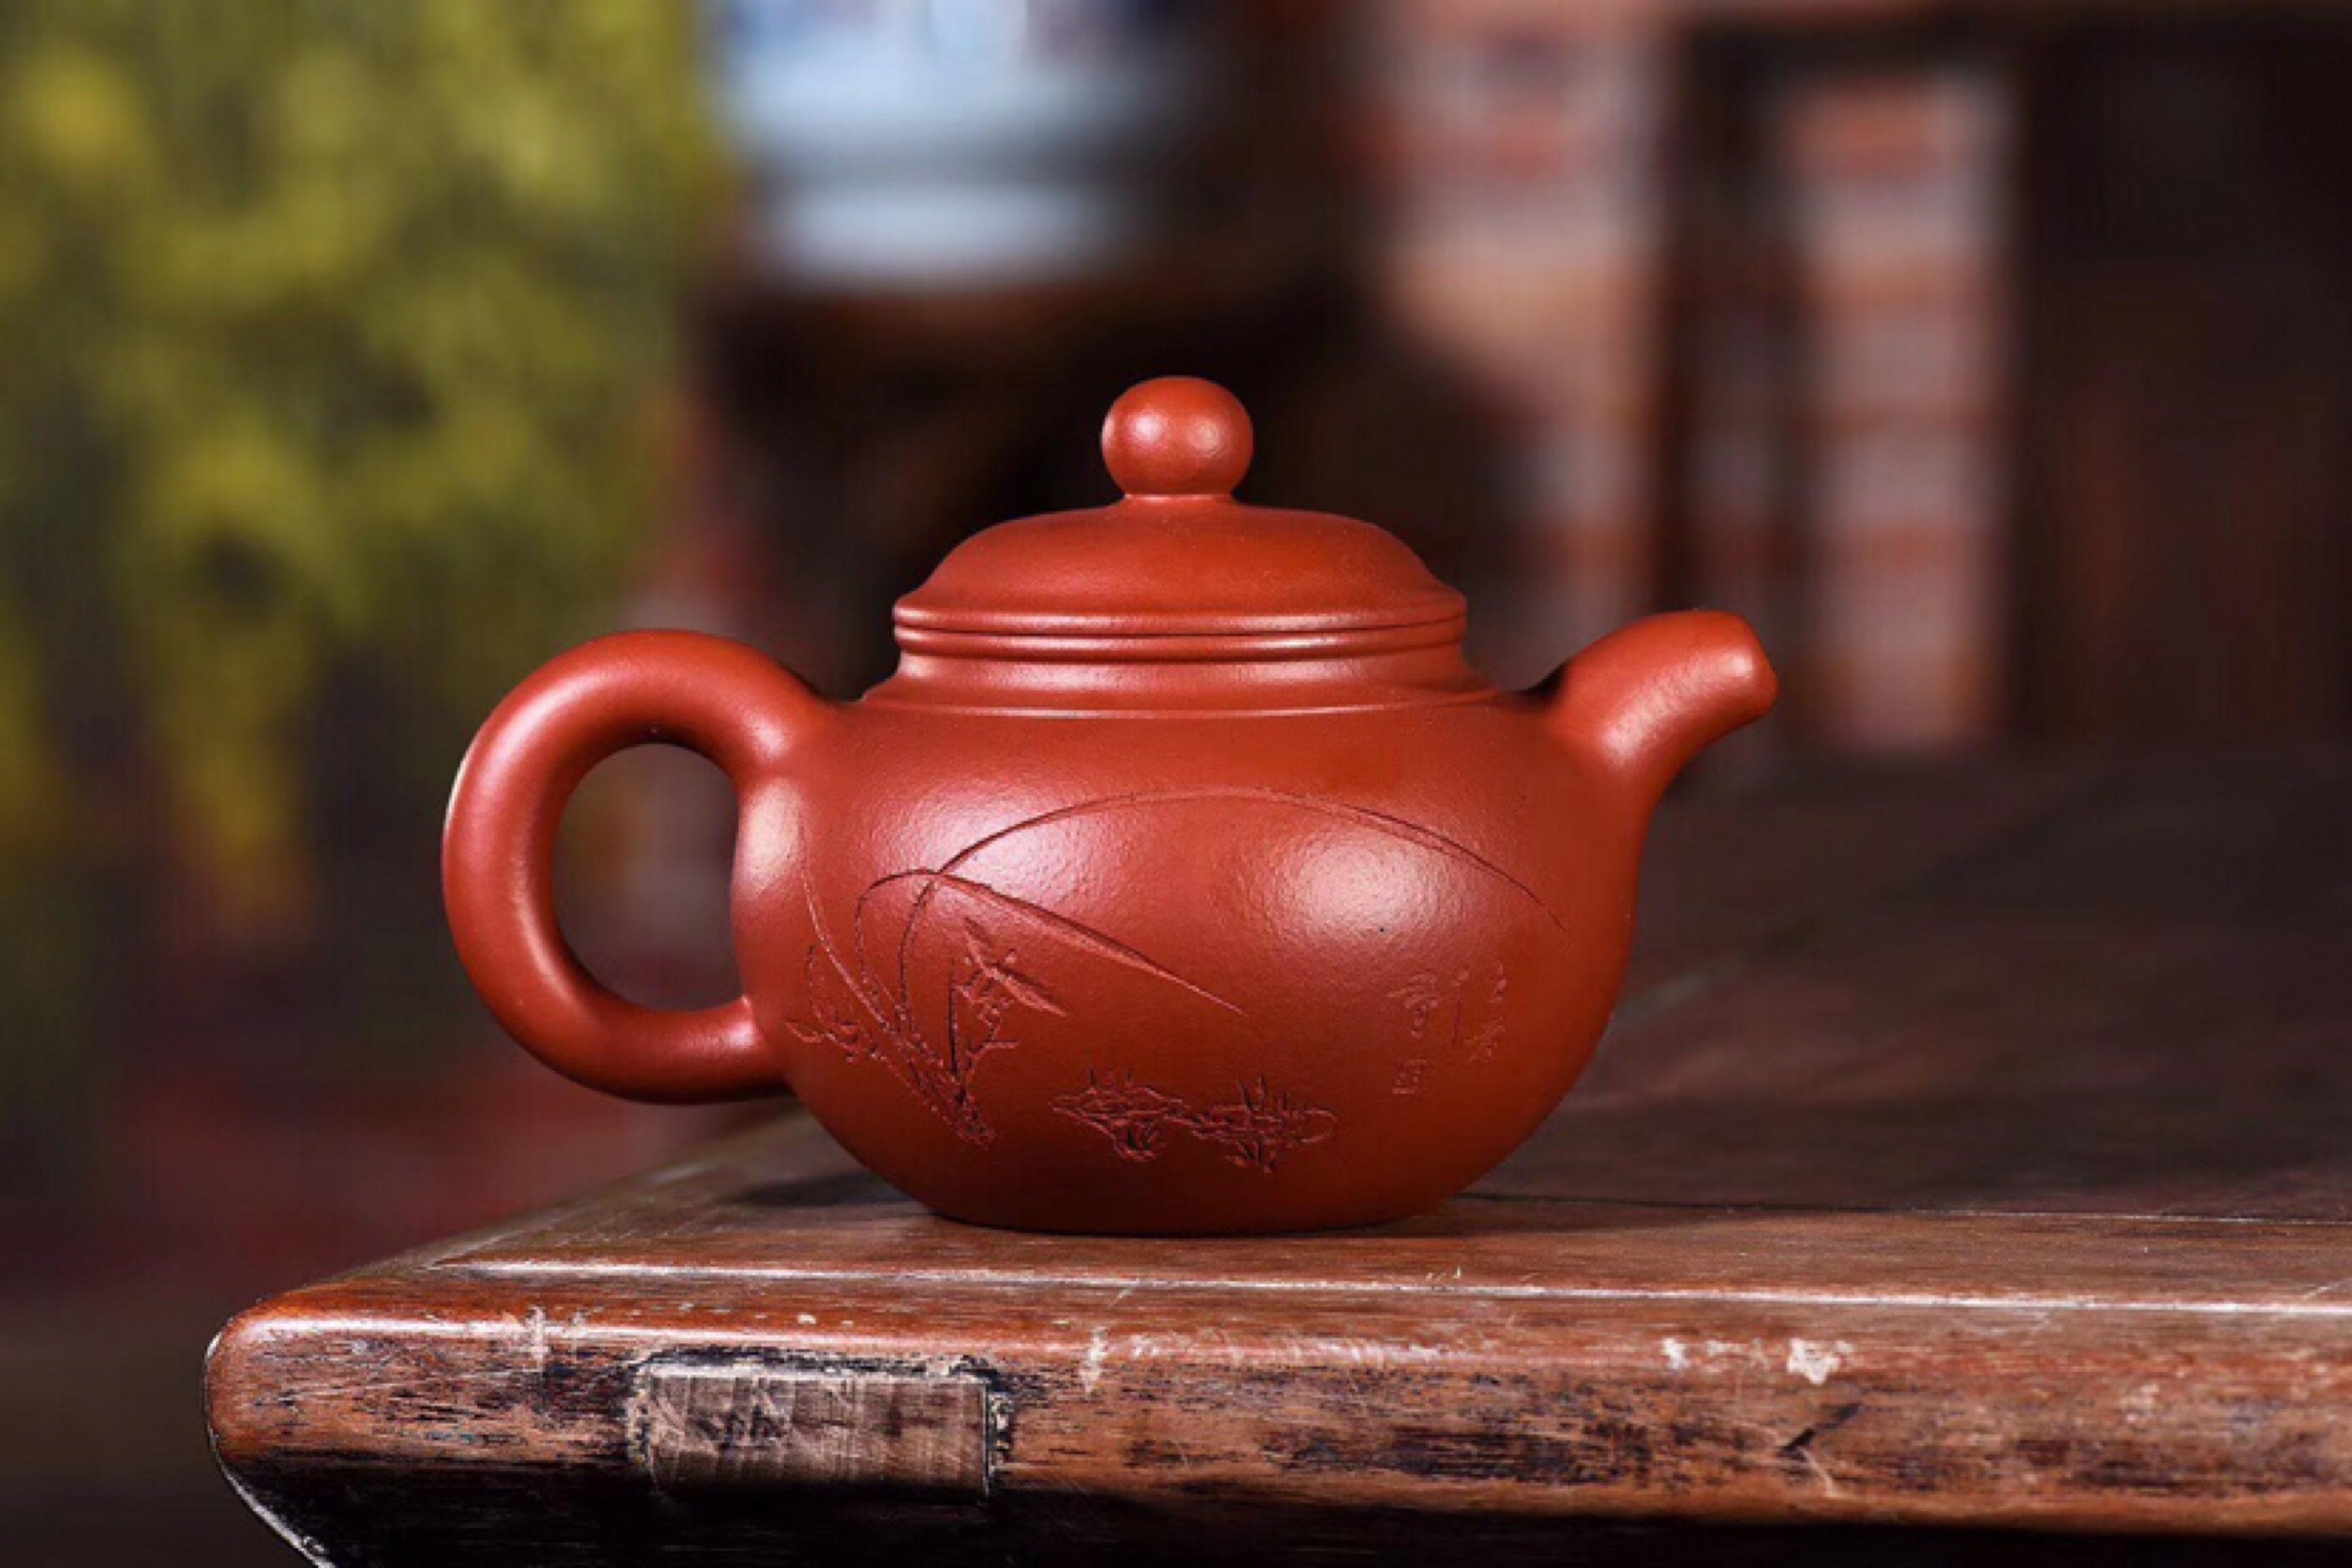 茶品即人品,十种茶语暗示十种人格